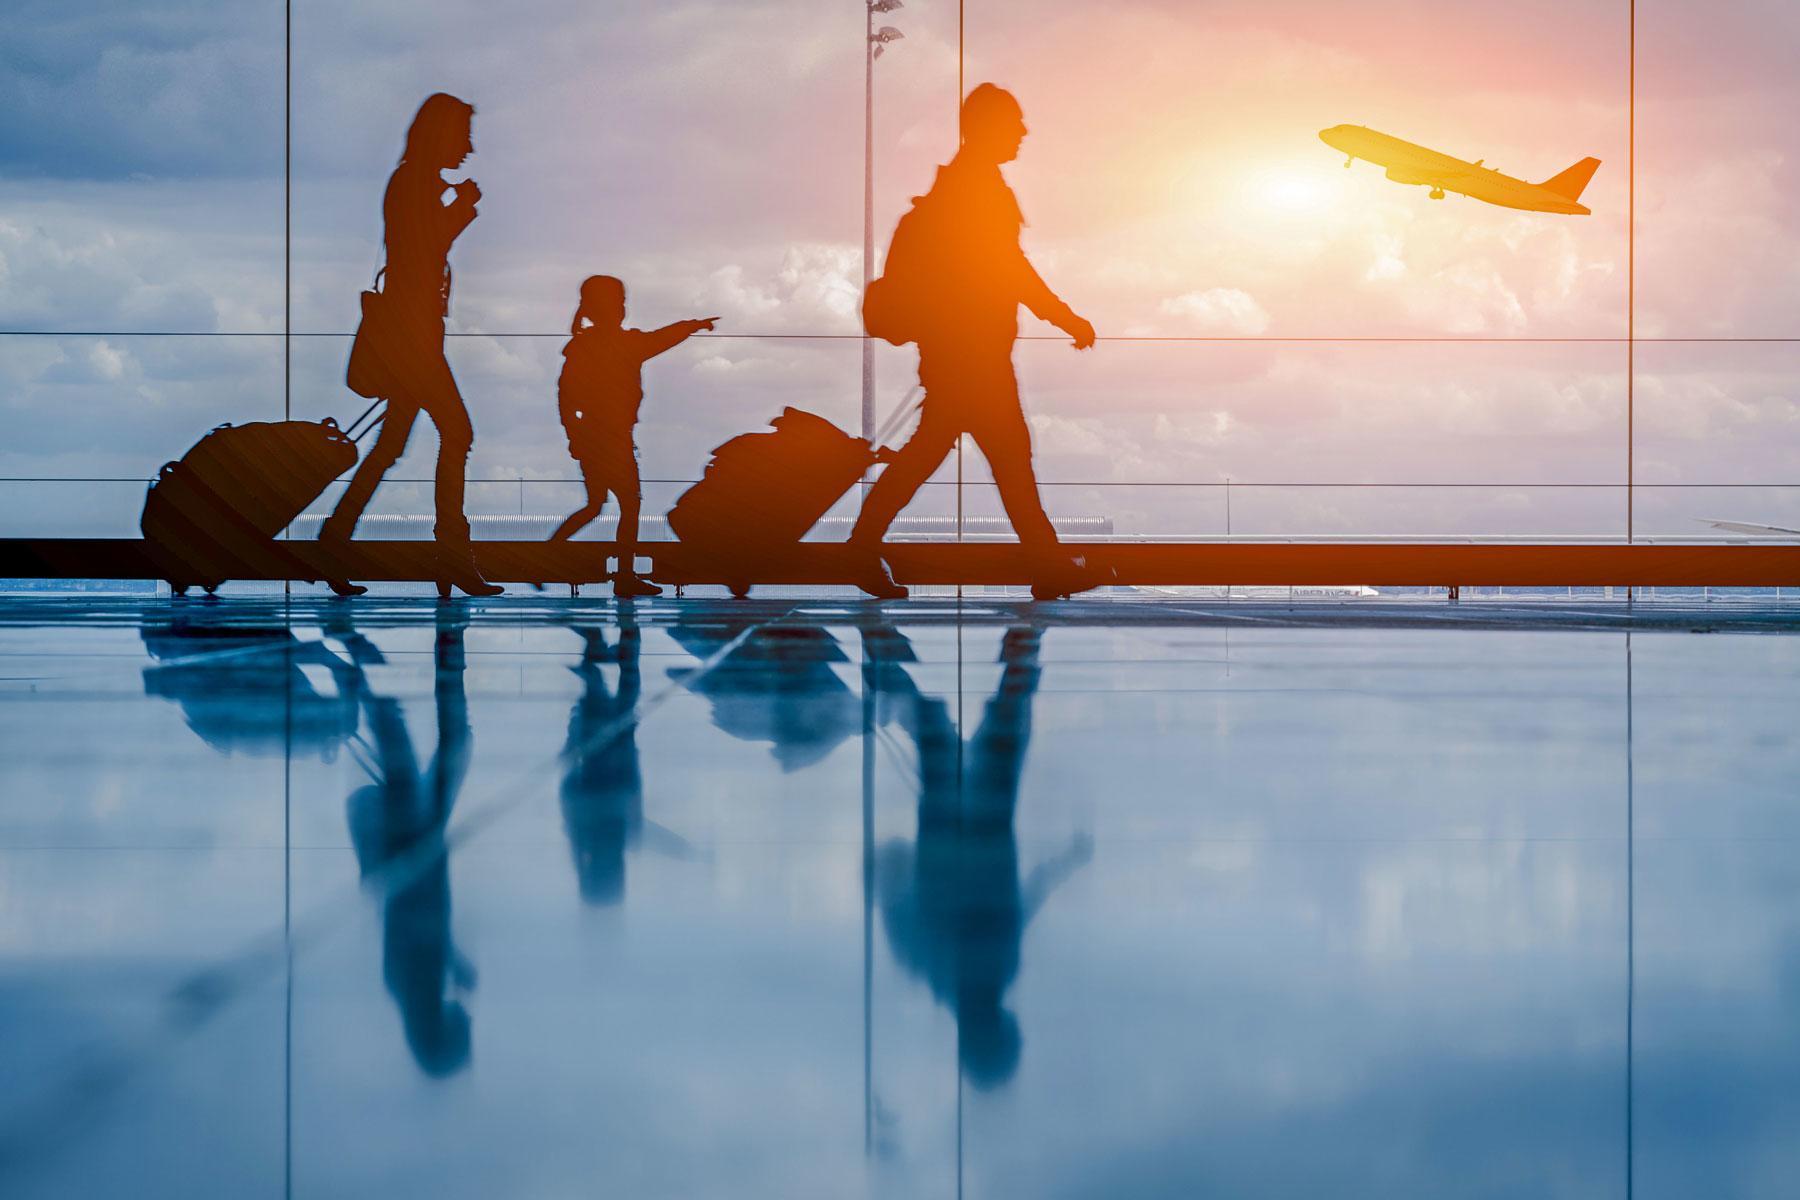 HERO_Intl_Travel_with_Kids_Games_HERO_shutterstock_298605944